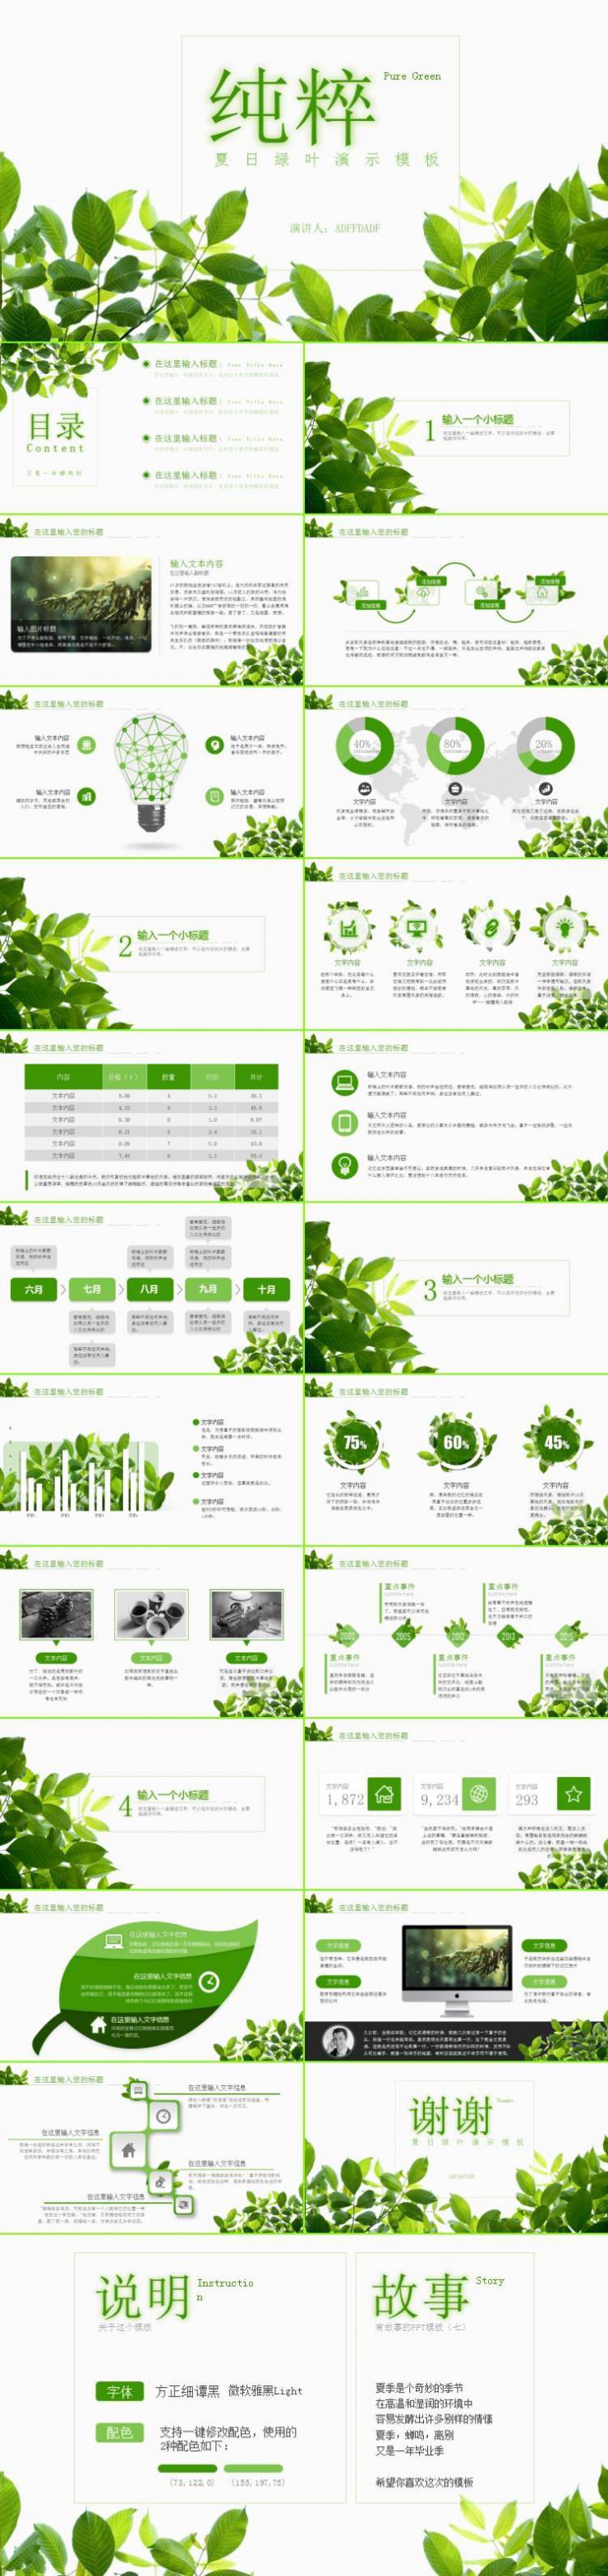 绿色浪漫环保讲述总结PPT模板